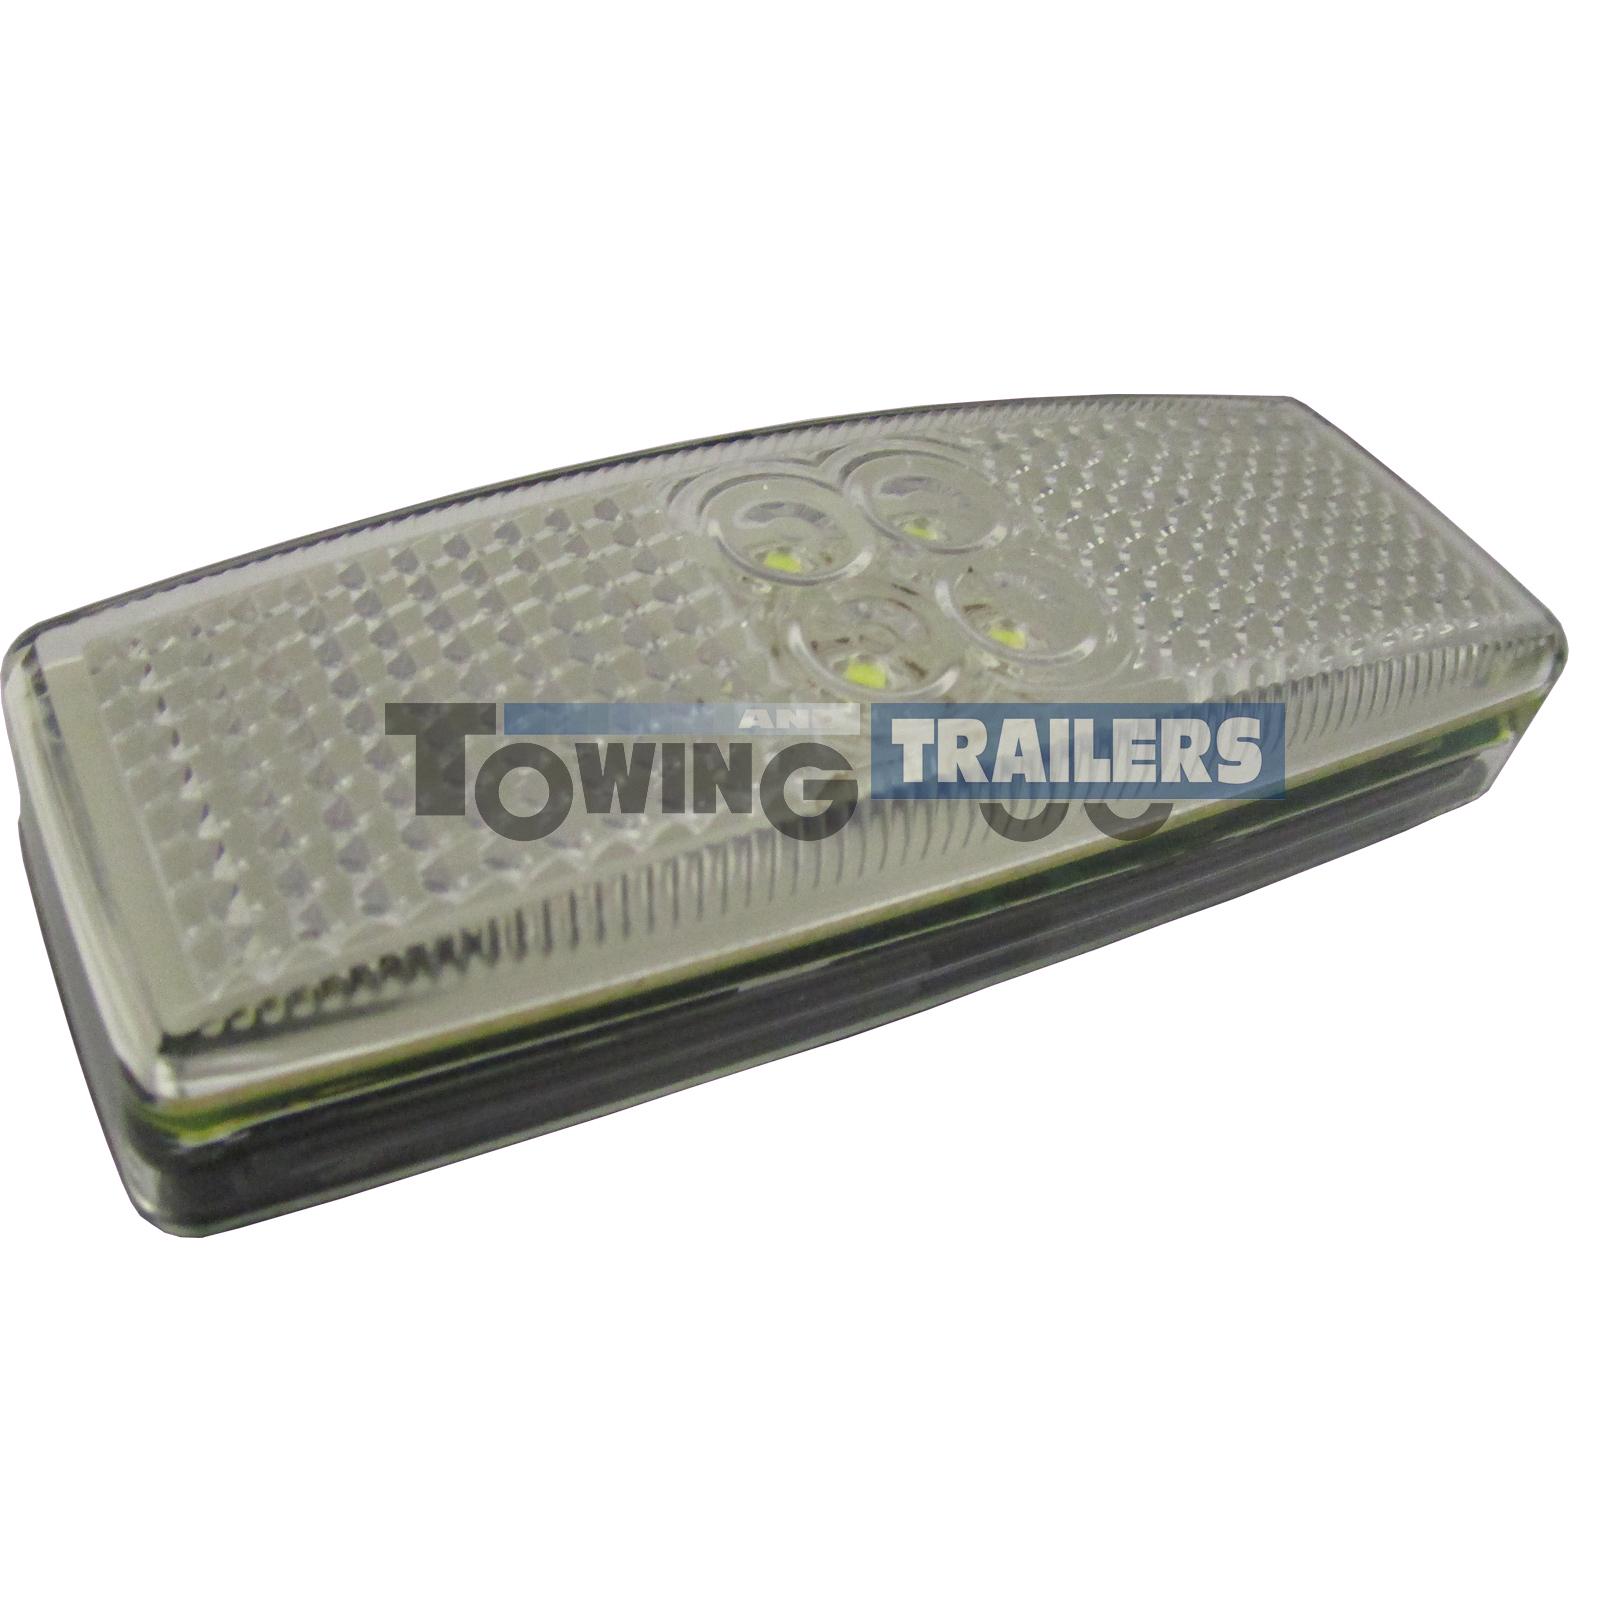 LED Autolamps 1490 Series White Trailer Marker Light Multivolt